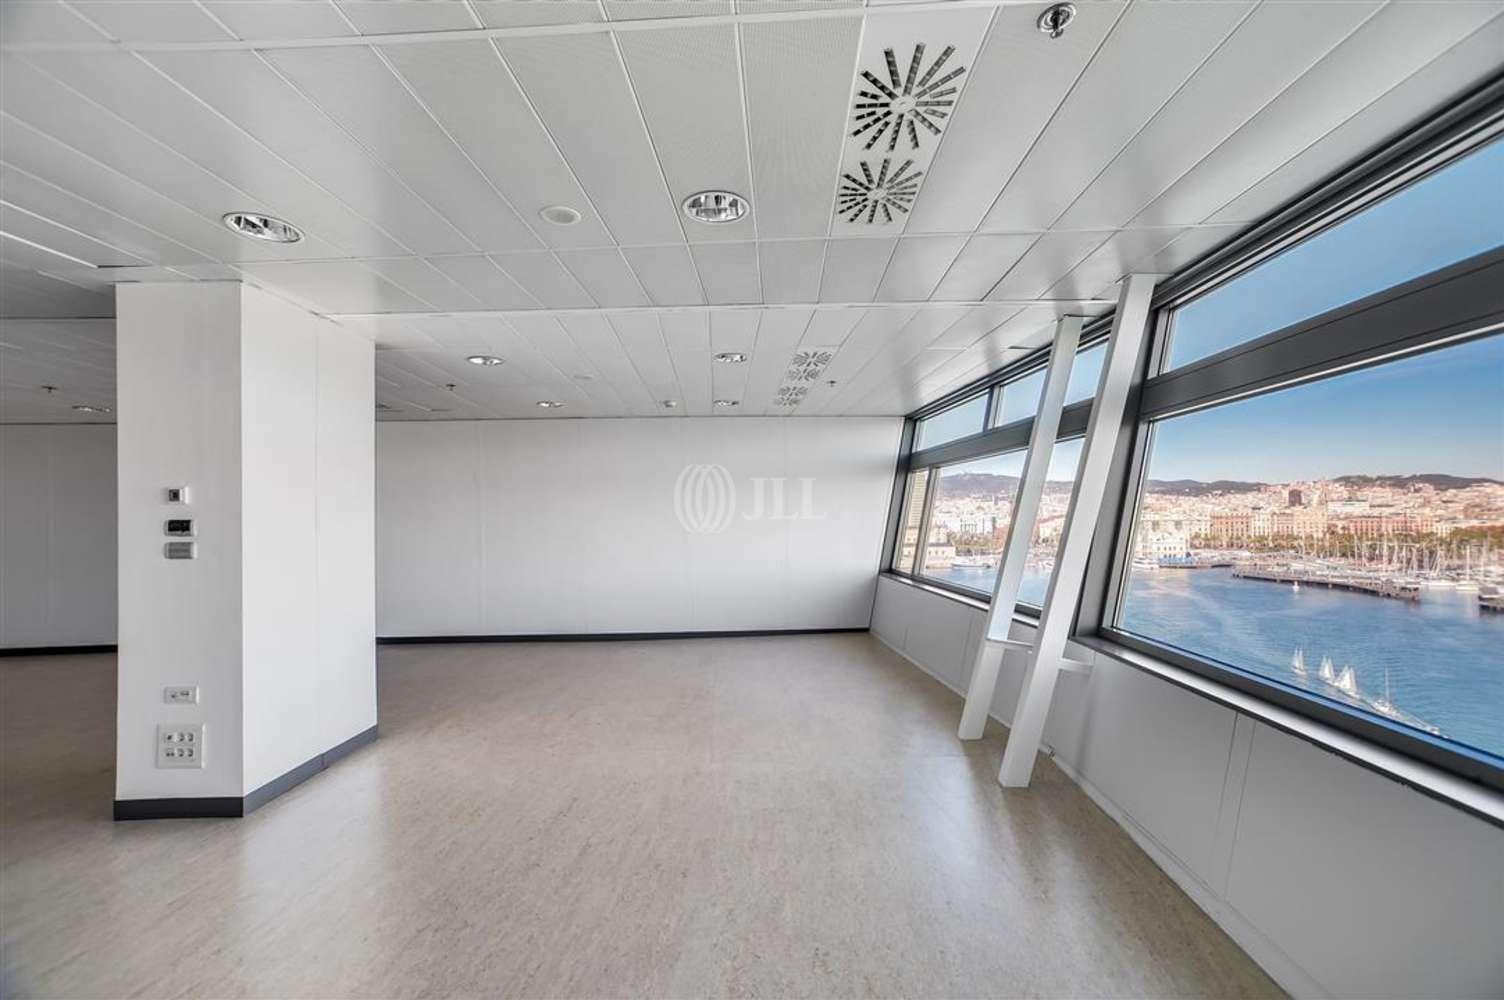 Oficina Barcelona, 08039 - WTC BARCELONA - EDIFICIO NORTE